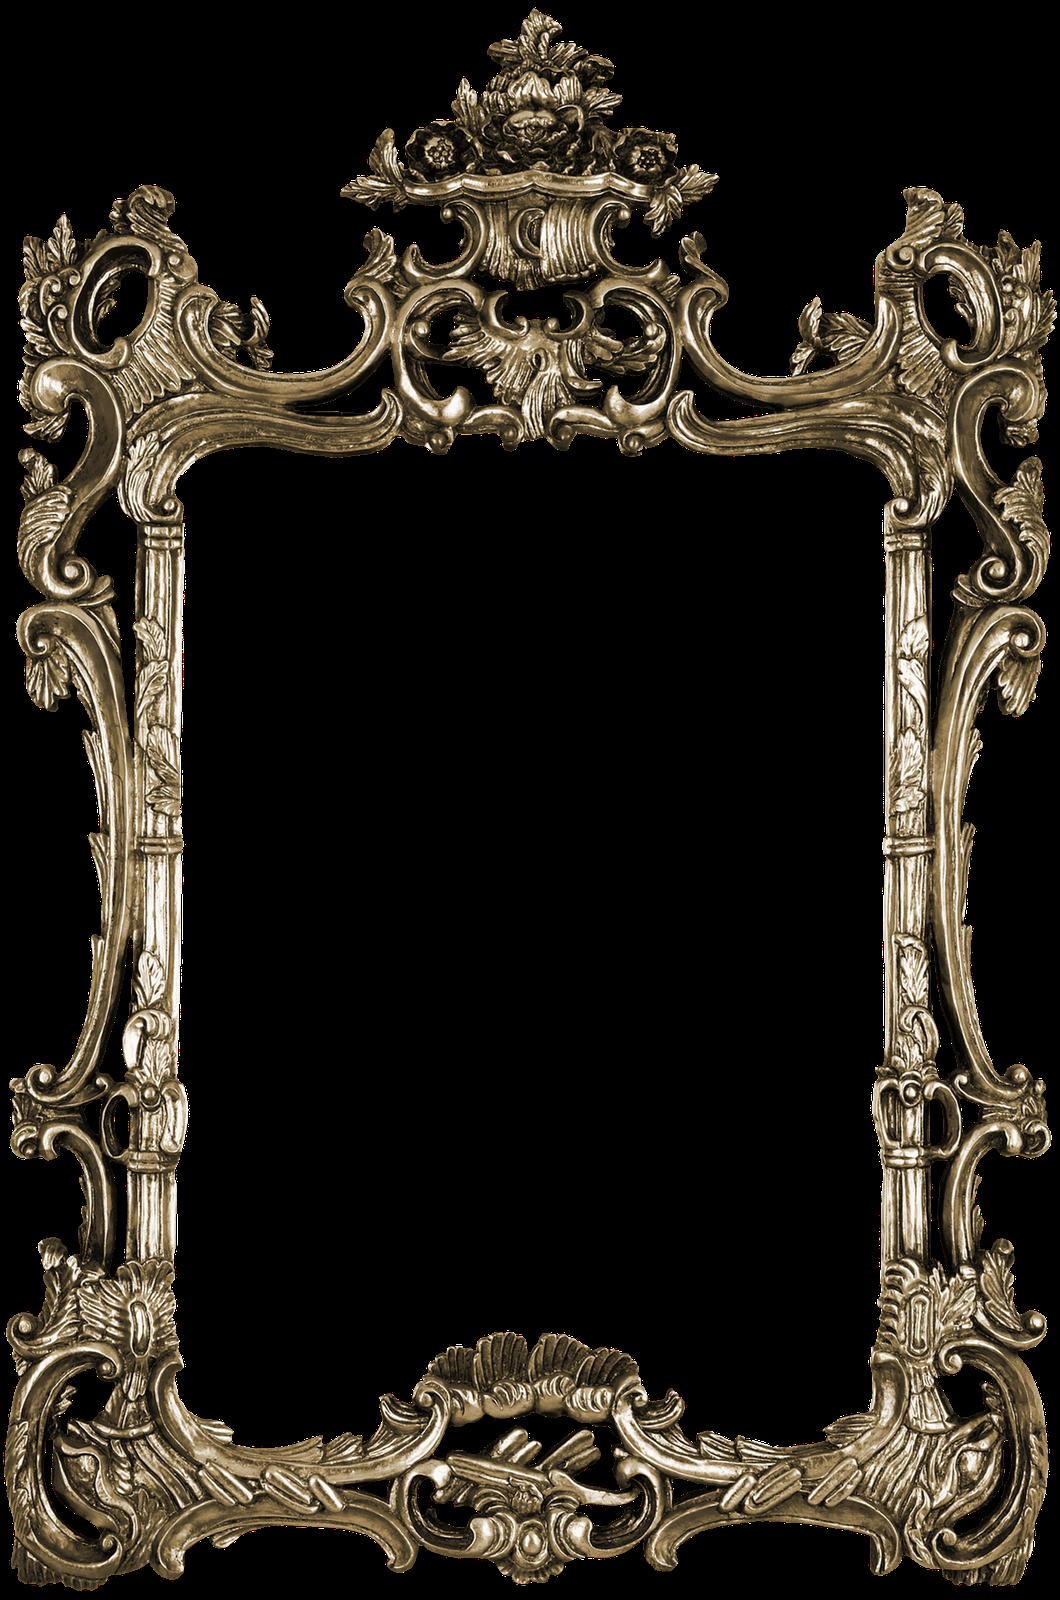 Morbid Princess: Empty Frames